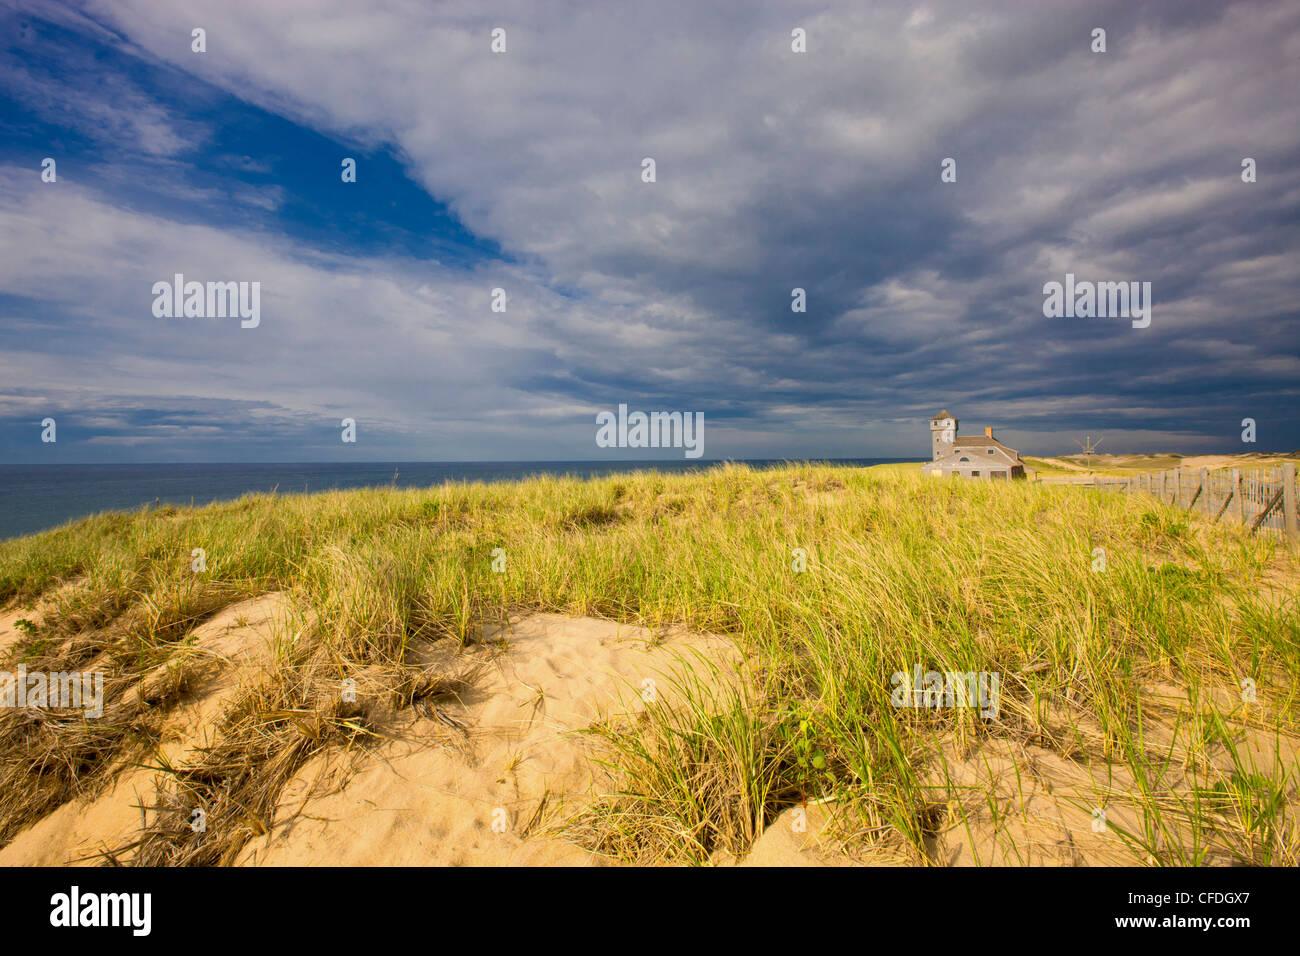 Cape Cod National Seashore Holz Ende lebensrettende Station, Massachusetts, Vereinigte Staaten von Amerika Stockbild